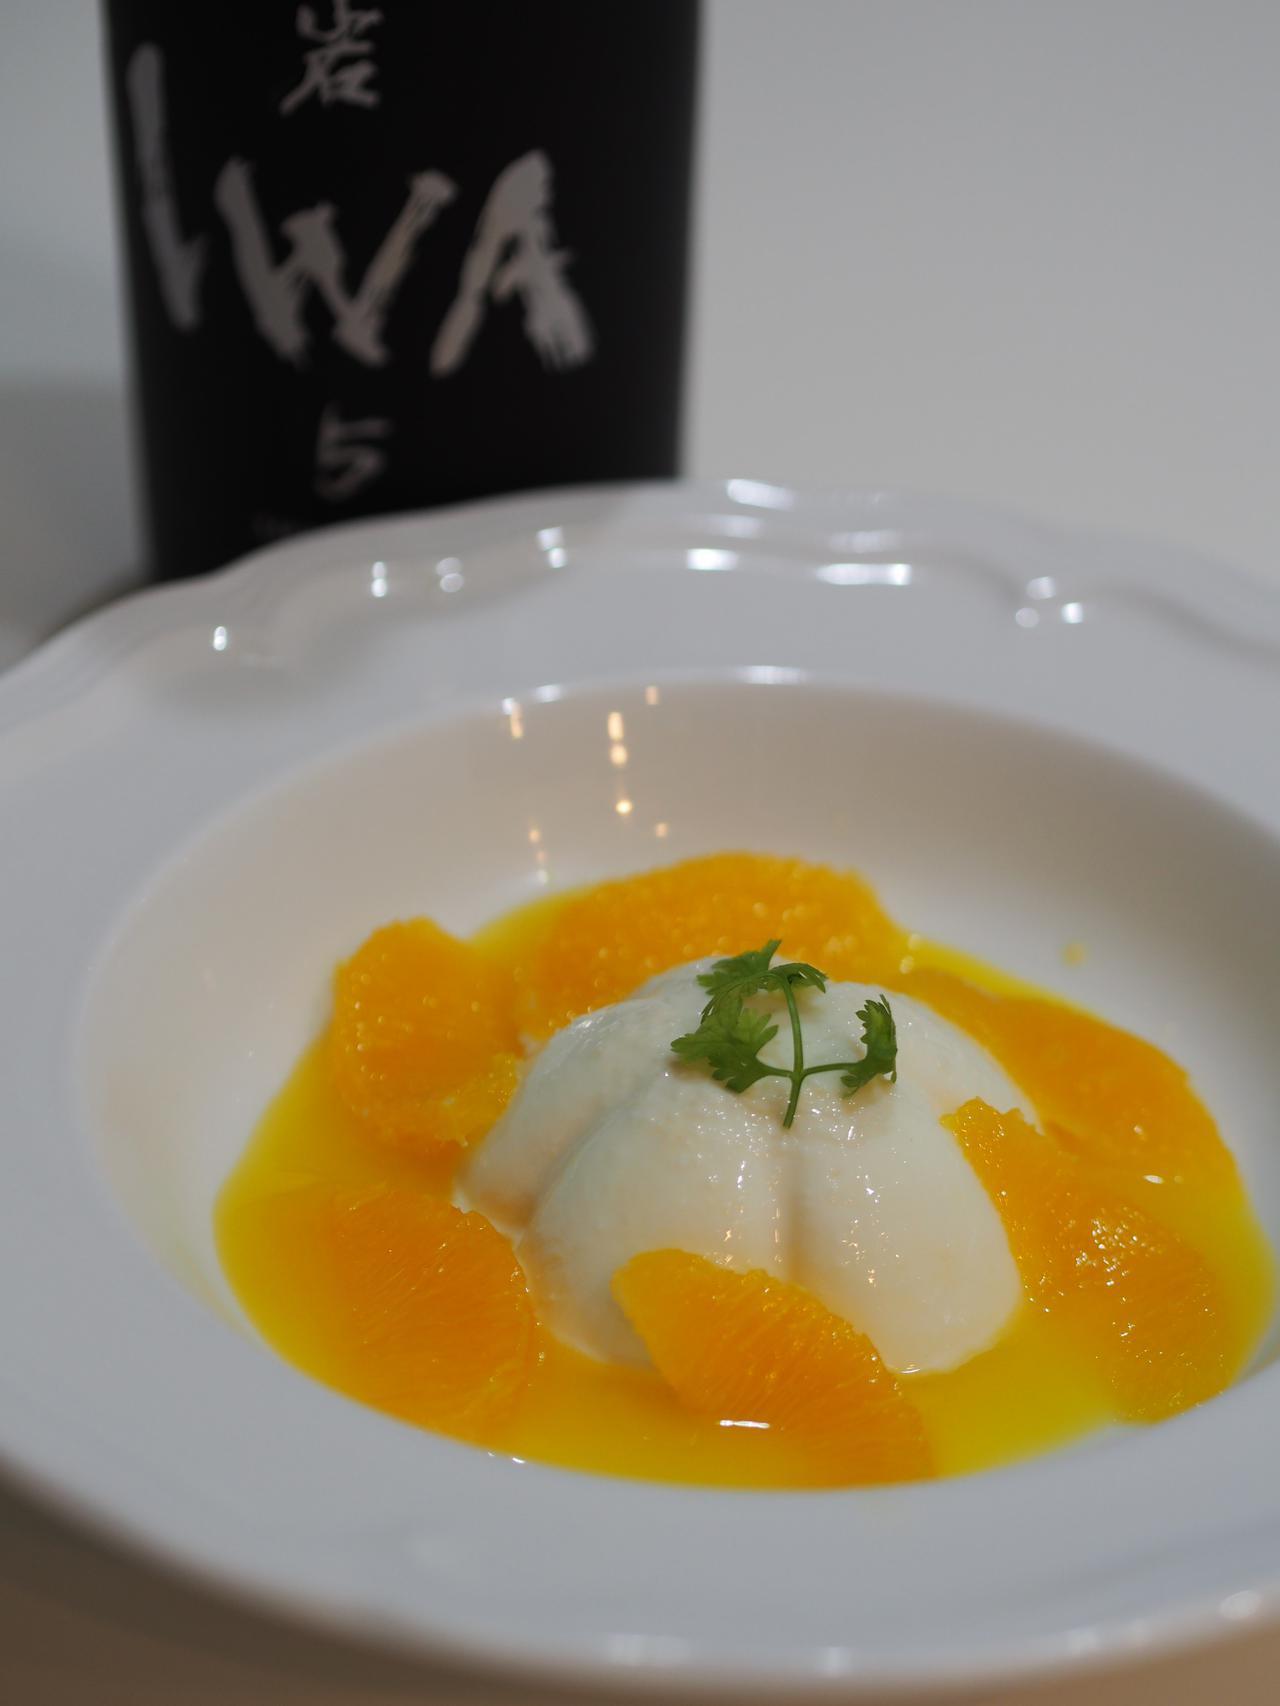 画像: ブランマンジェ自体に使われた酒粕の風味、ソースに使われているオレンジジュースとリキュール、それらが醸す香りと穏やかな甘味が、IWAと素晴らしく相乗する